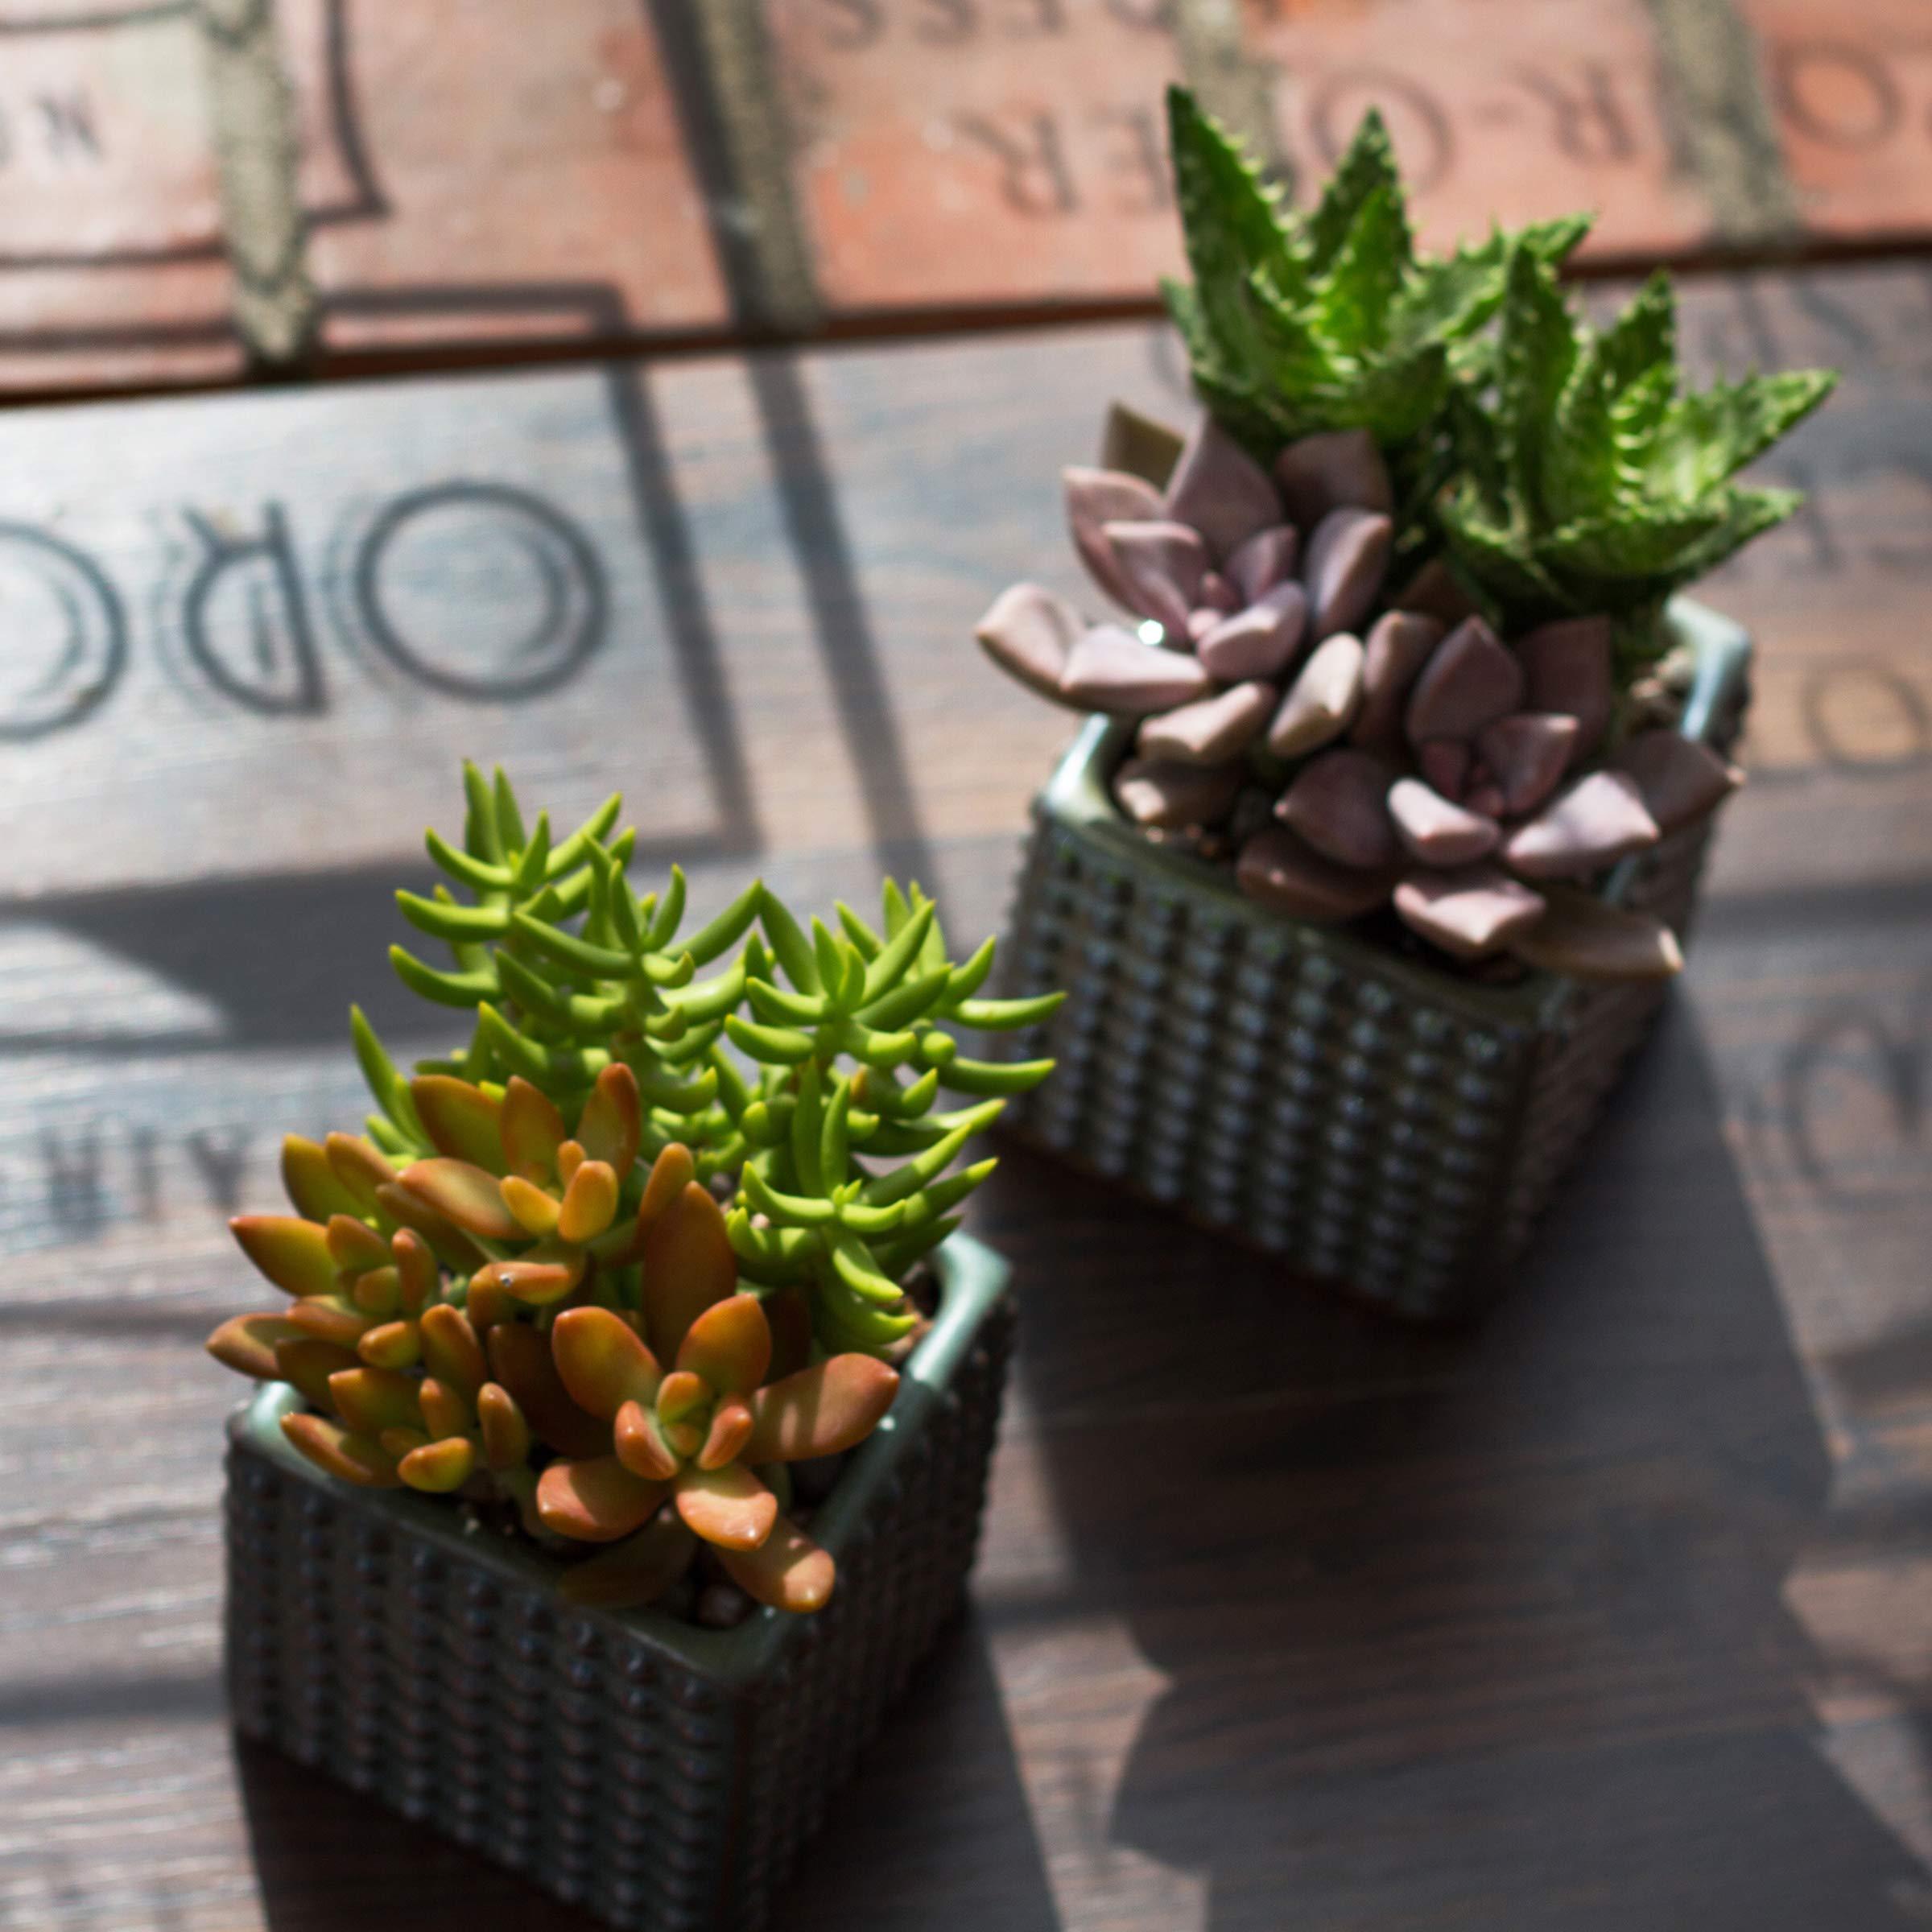 Altman Plants Mini Live Assorted Succulents Weddings, Party favors, DIY terrariums, Gifts 2'' 20 Pack by Altman Plants (Image #6)